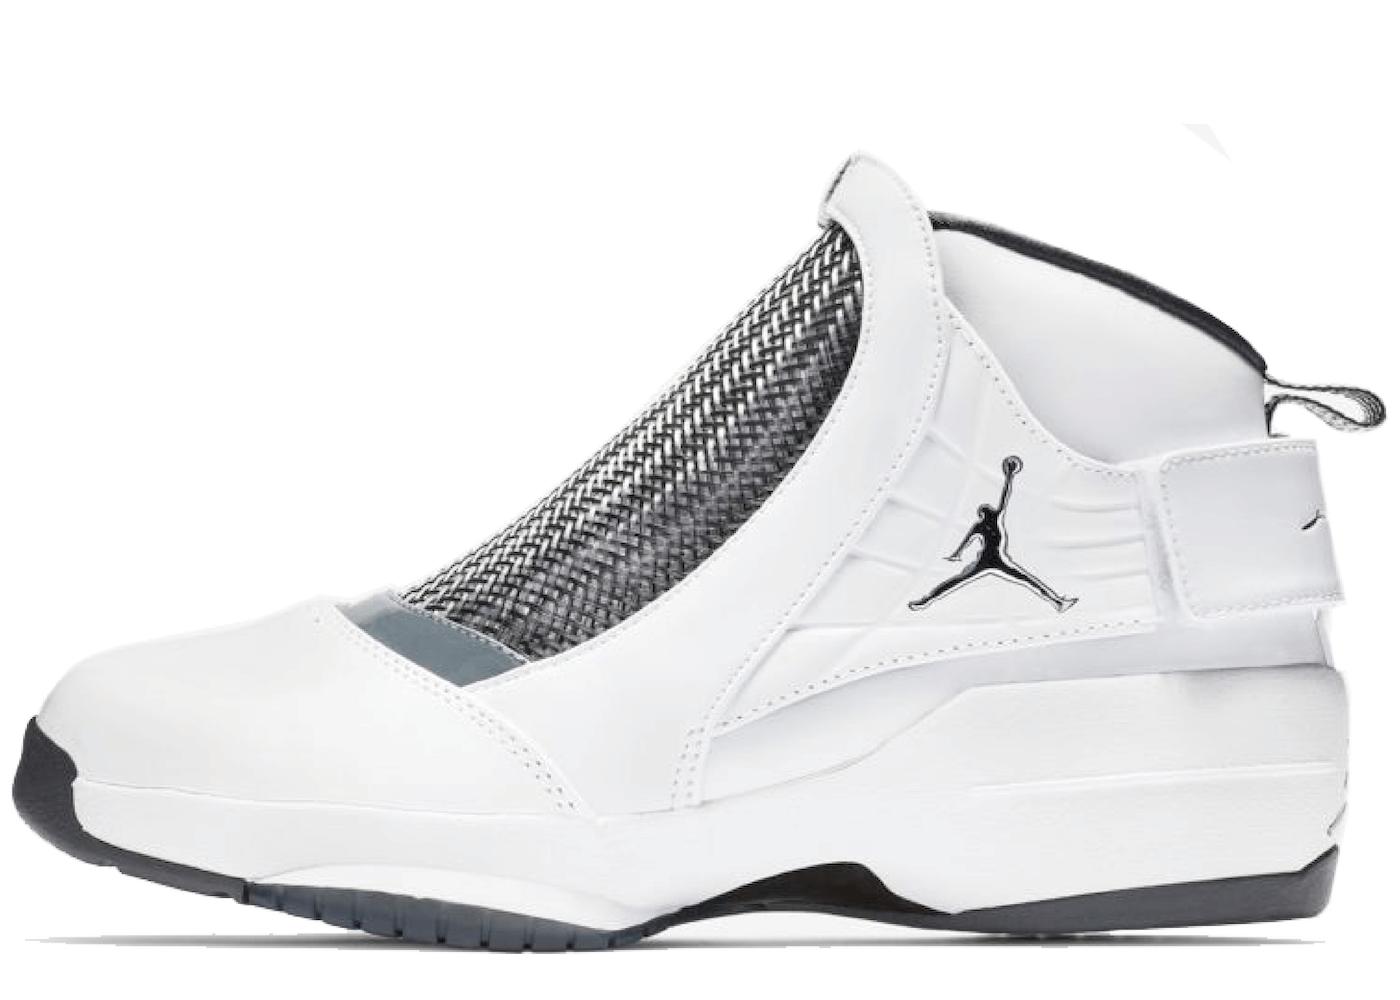 Nike Air Jordan 19 OG Chrome (2019)の写真